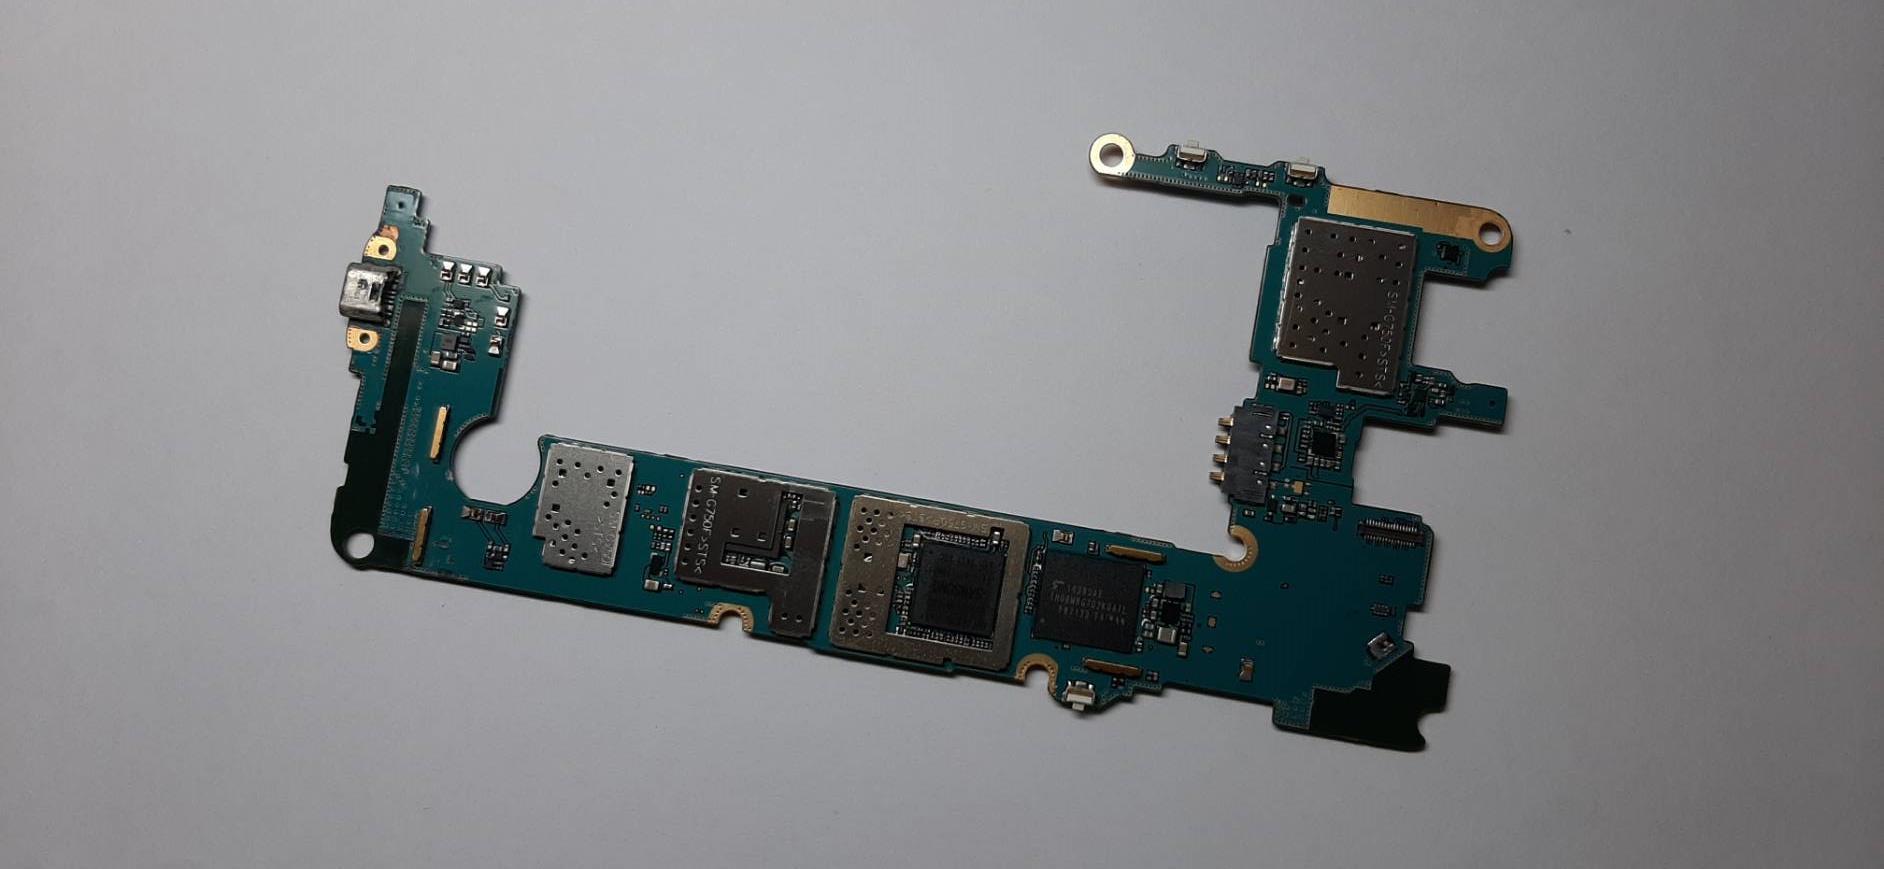 เมนบอร์ด Mainboard SAMSUNG Mega2 G750 มือสอง